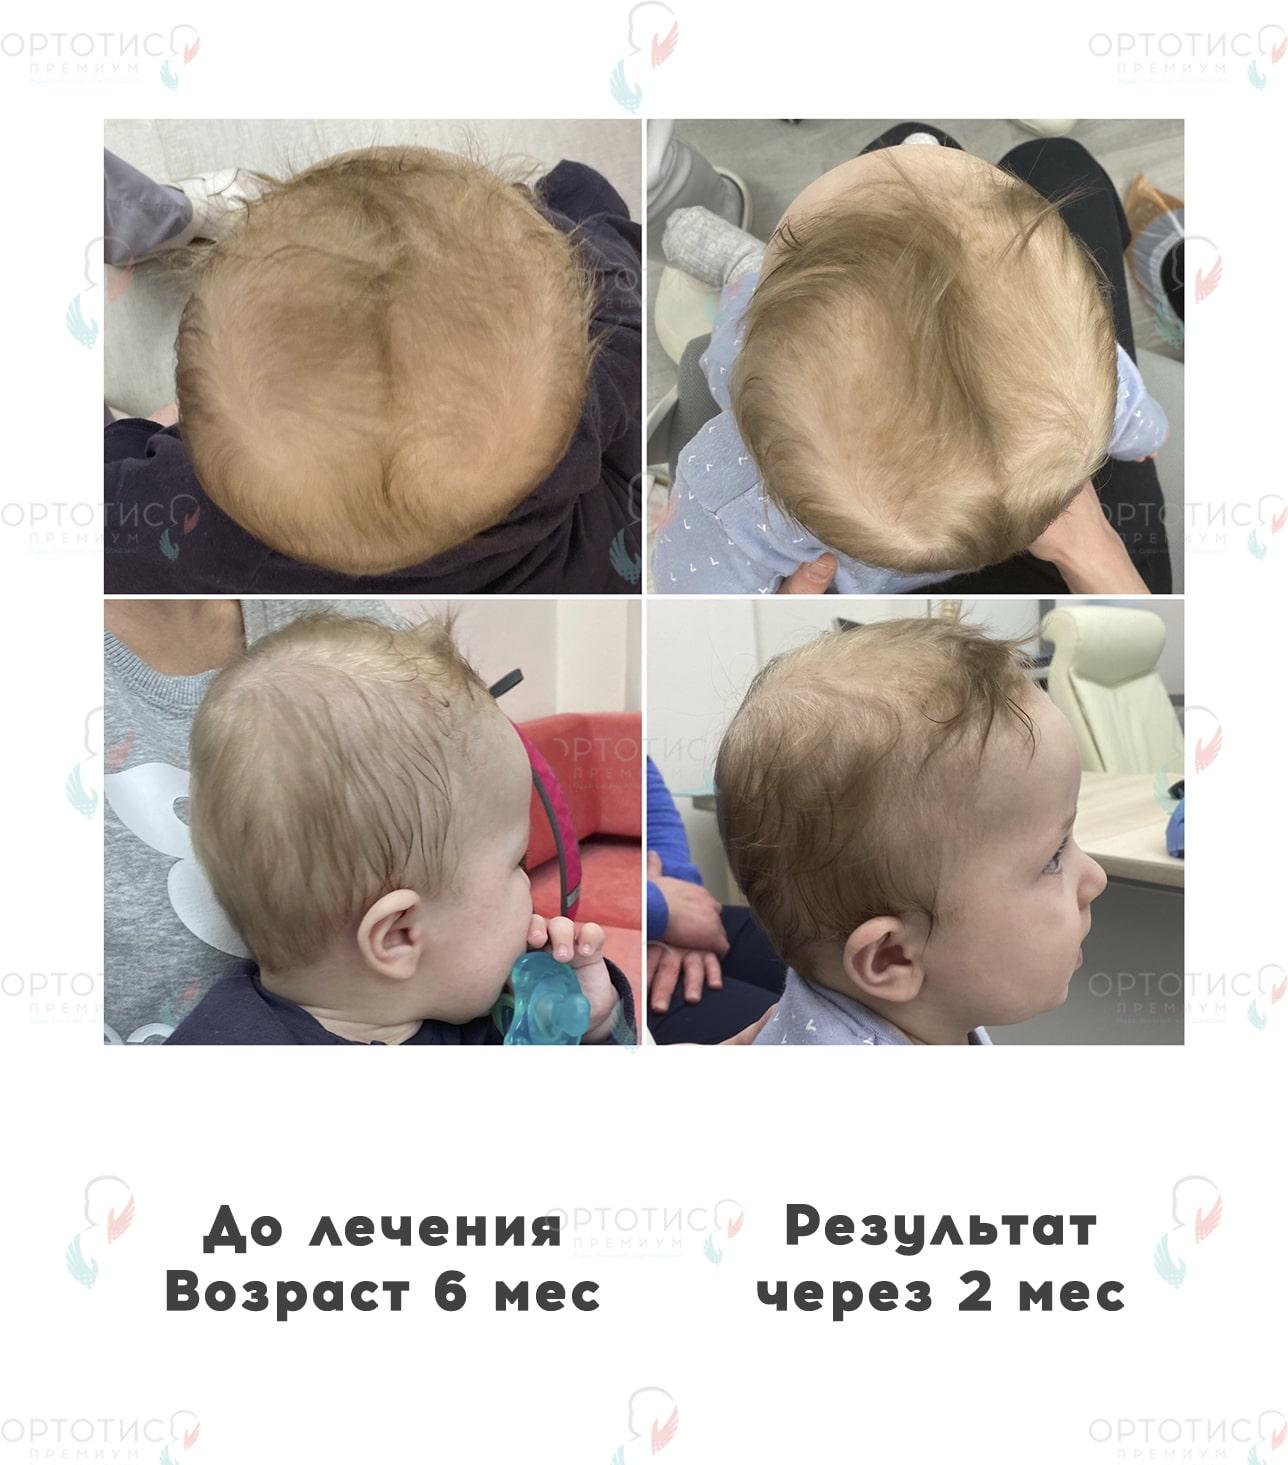 Асимметричная брахицефалия, 2 месяца - Ортотис Премиум